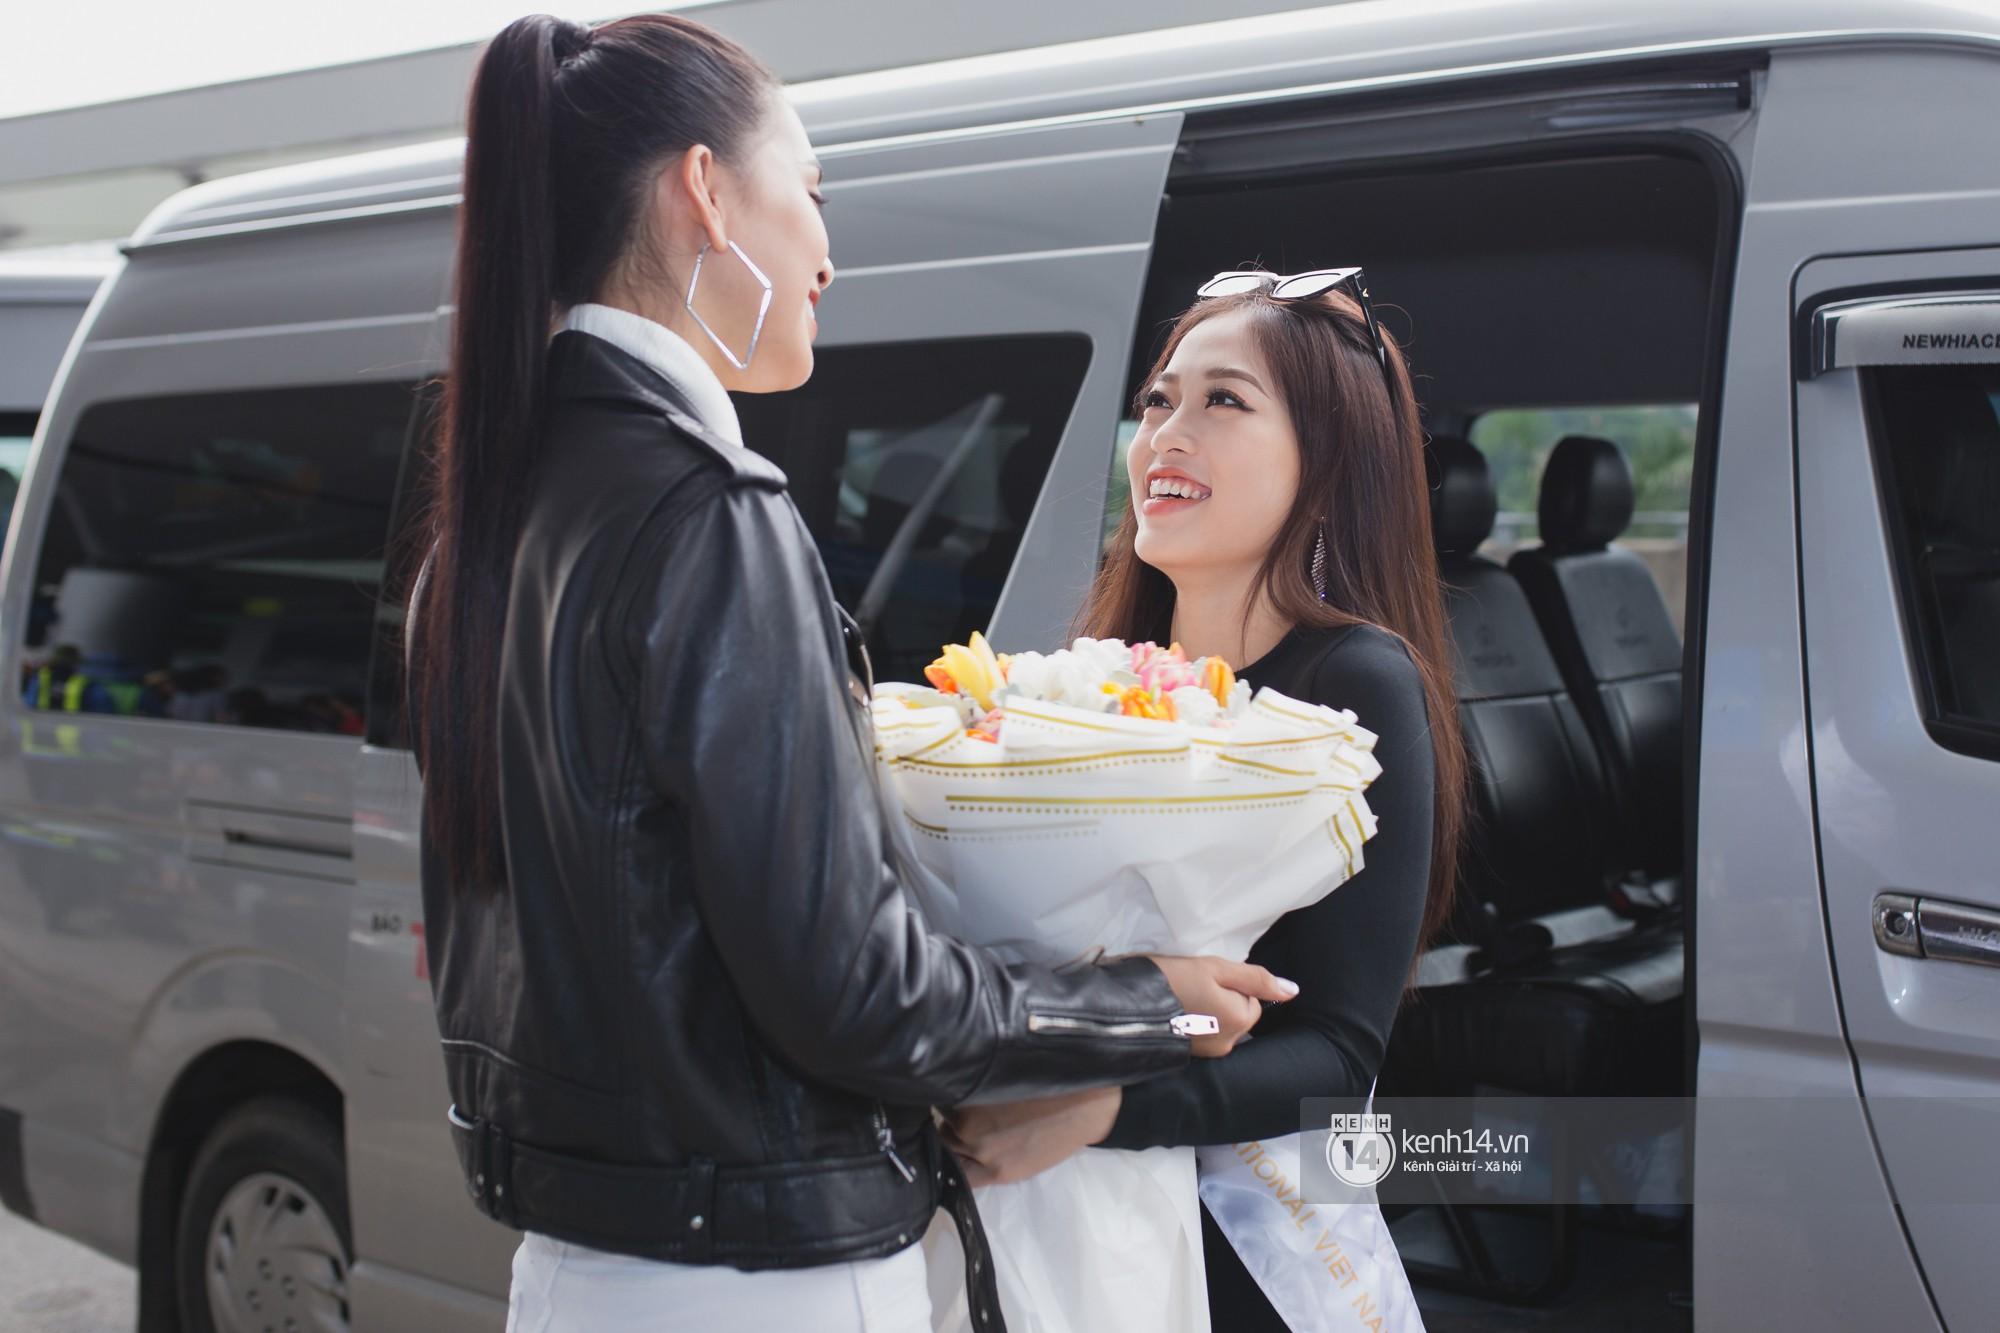 Vừa trở về từ Pháp tức thì, Trần Tiểu Vy ở lại sân bay tiễn Bùi Phương Nga đi Myanmar tham dự Hoa hậu Hoà bình Quốc tế - Ảnh 6.